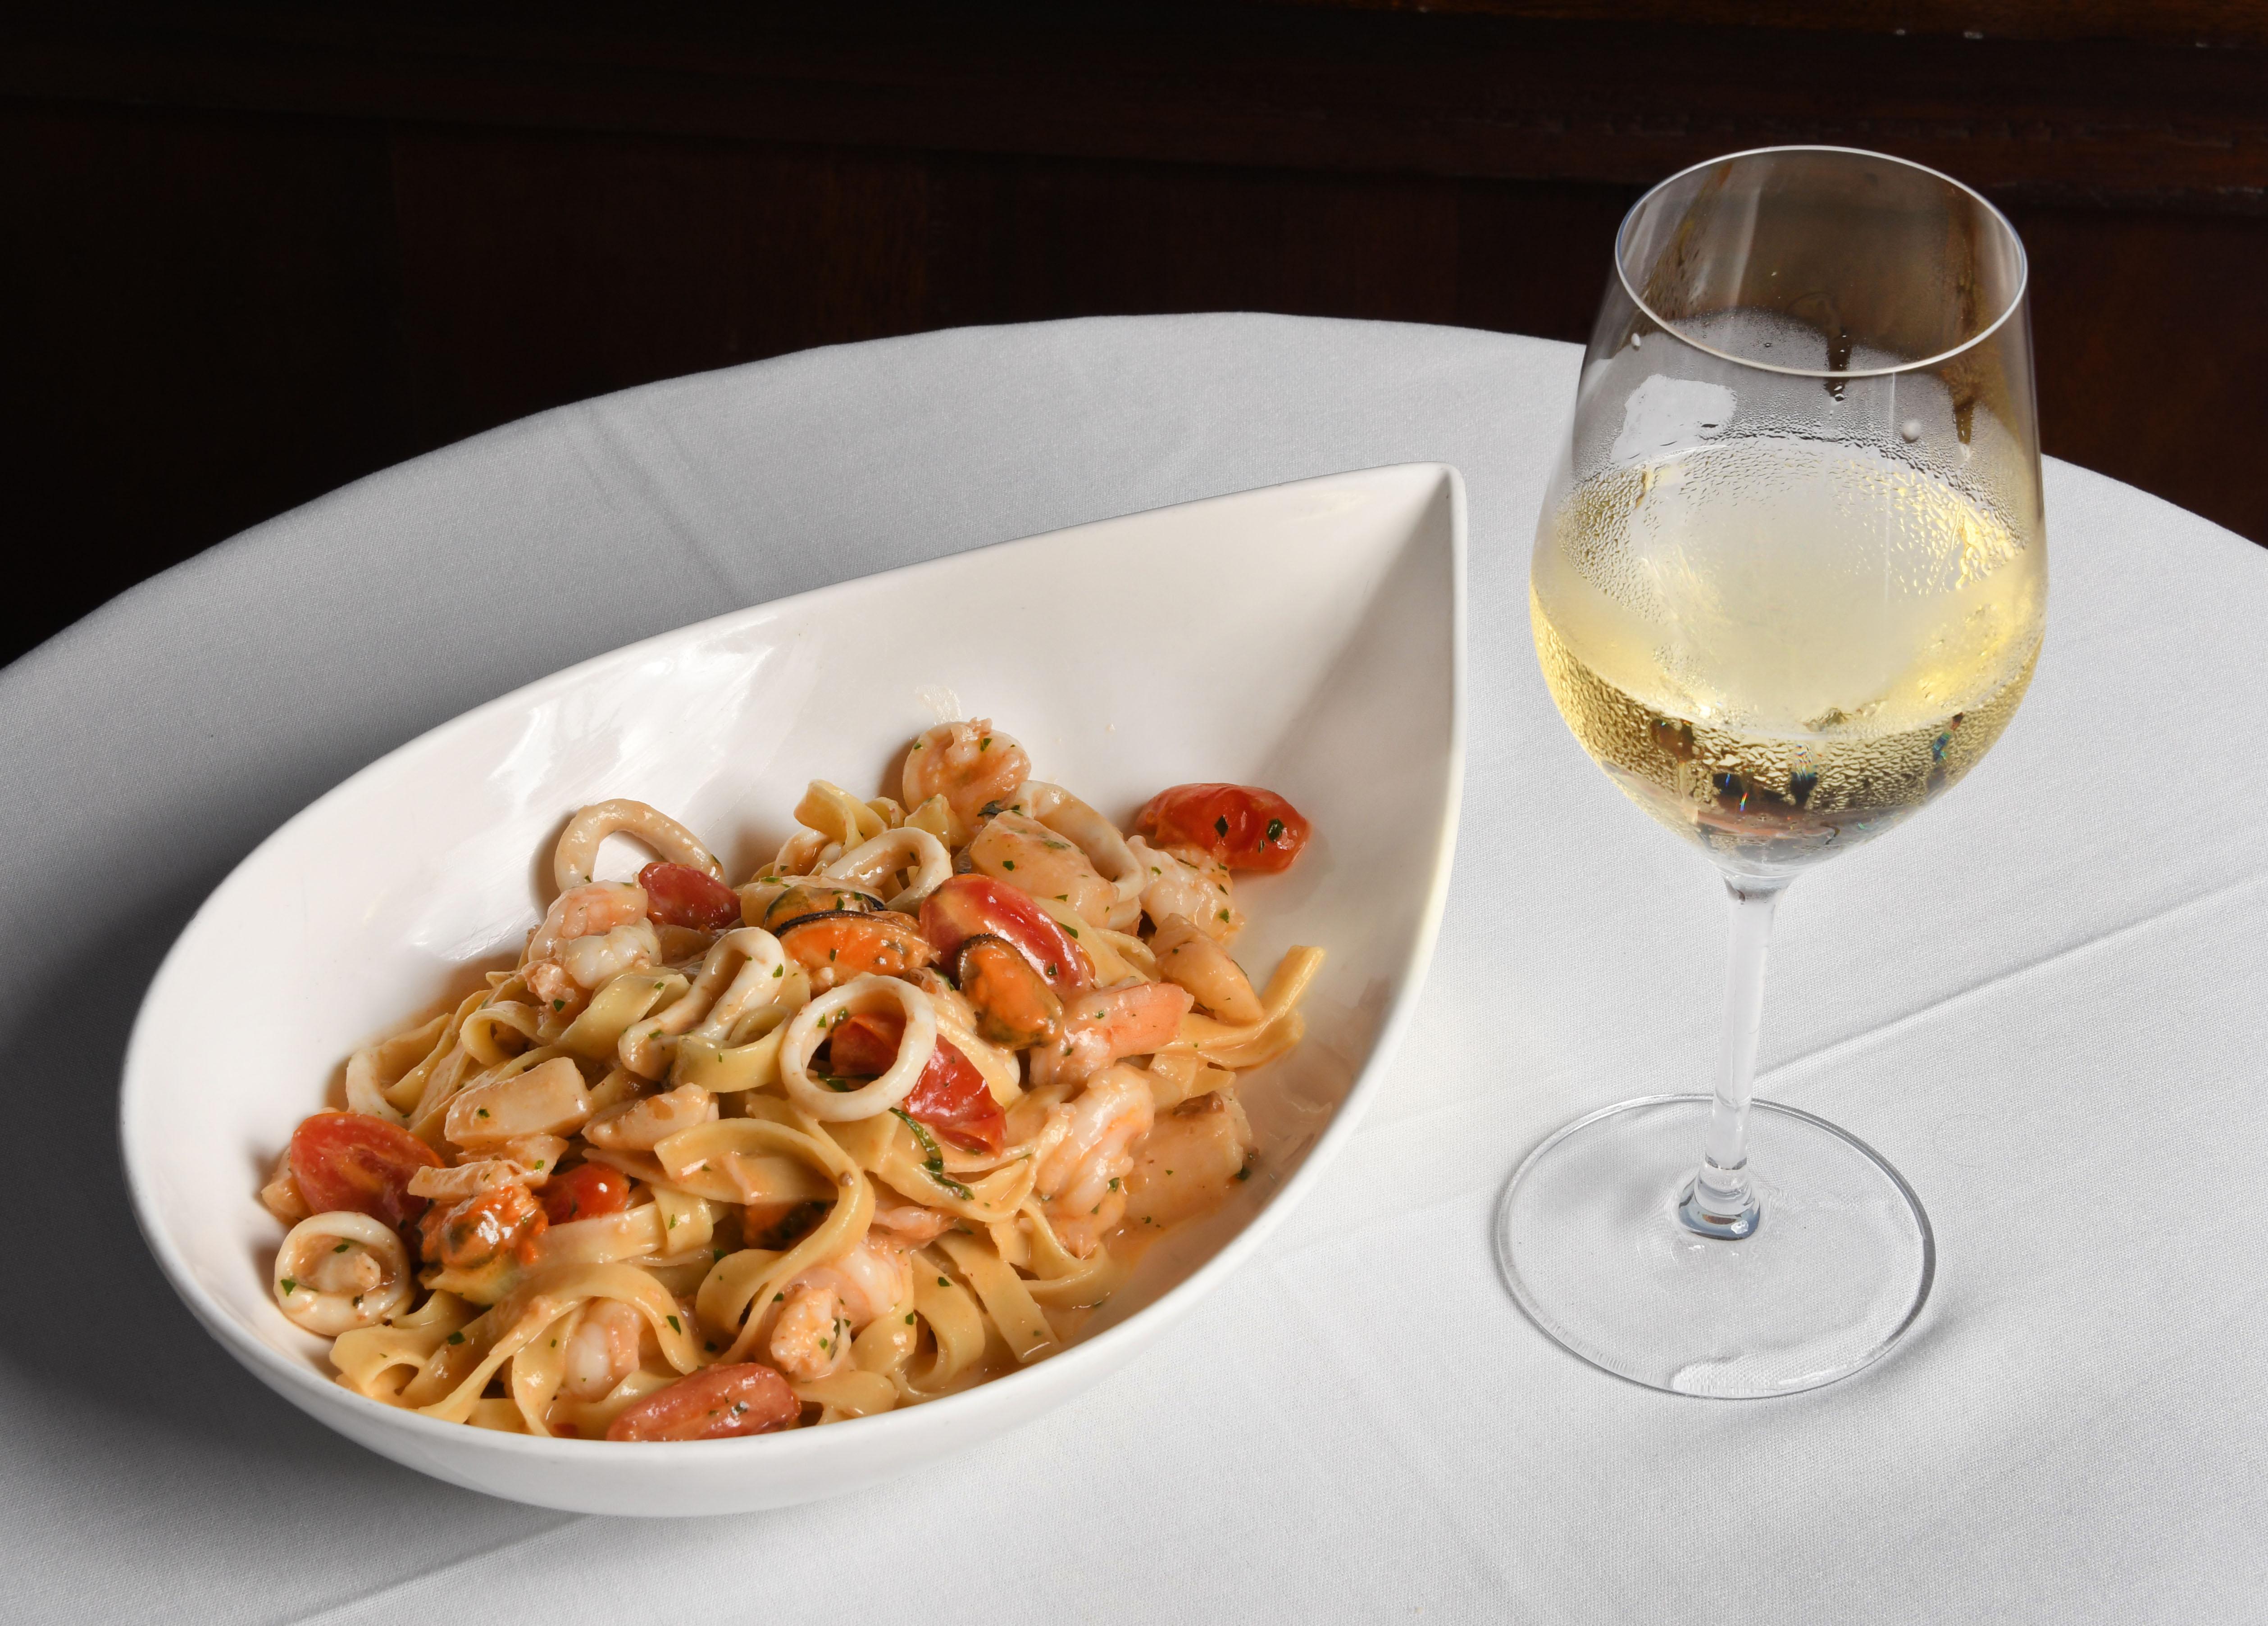 Pasta Shrimp and Wine Papagallo Cayman